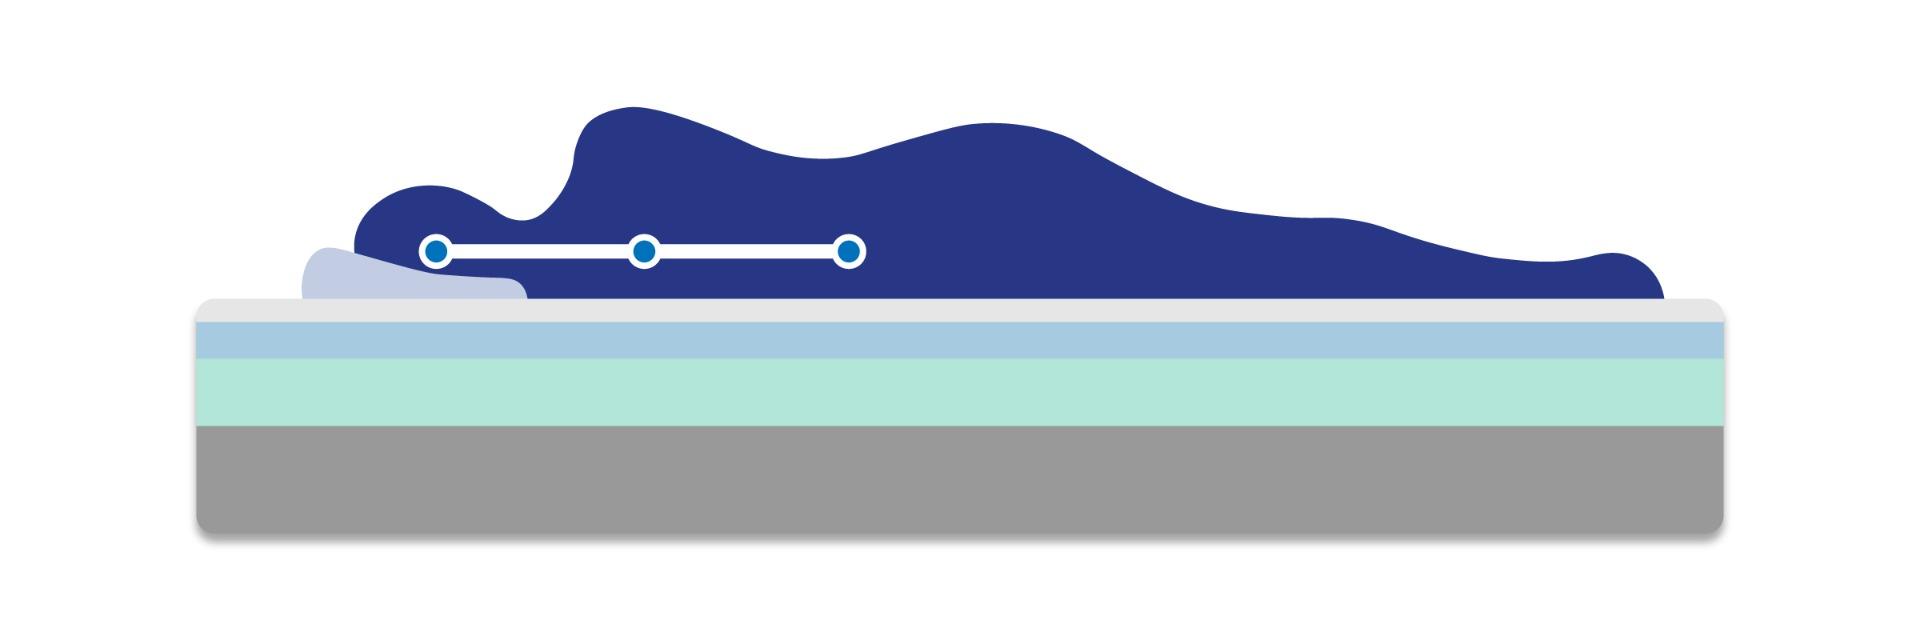 spine align on mattress